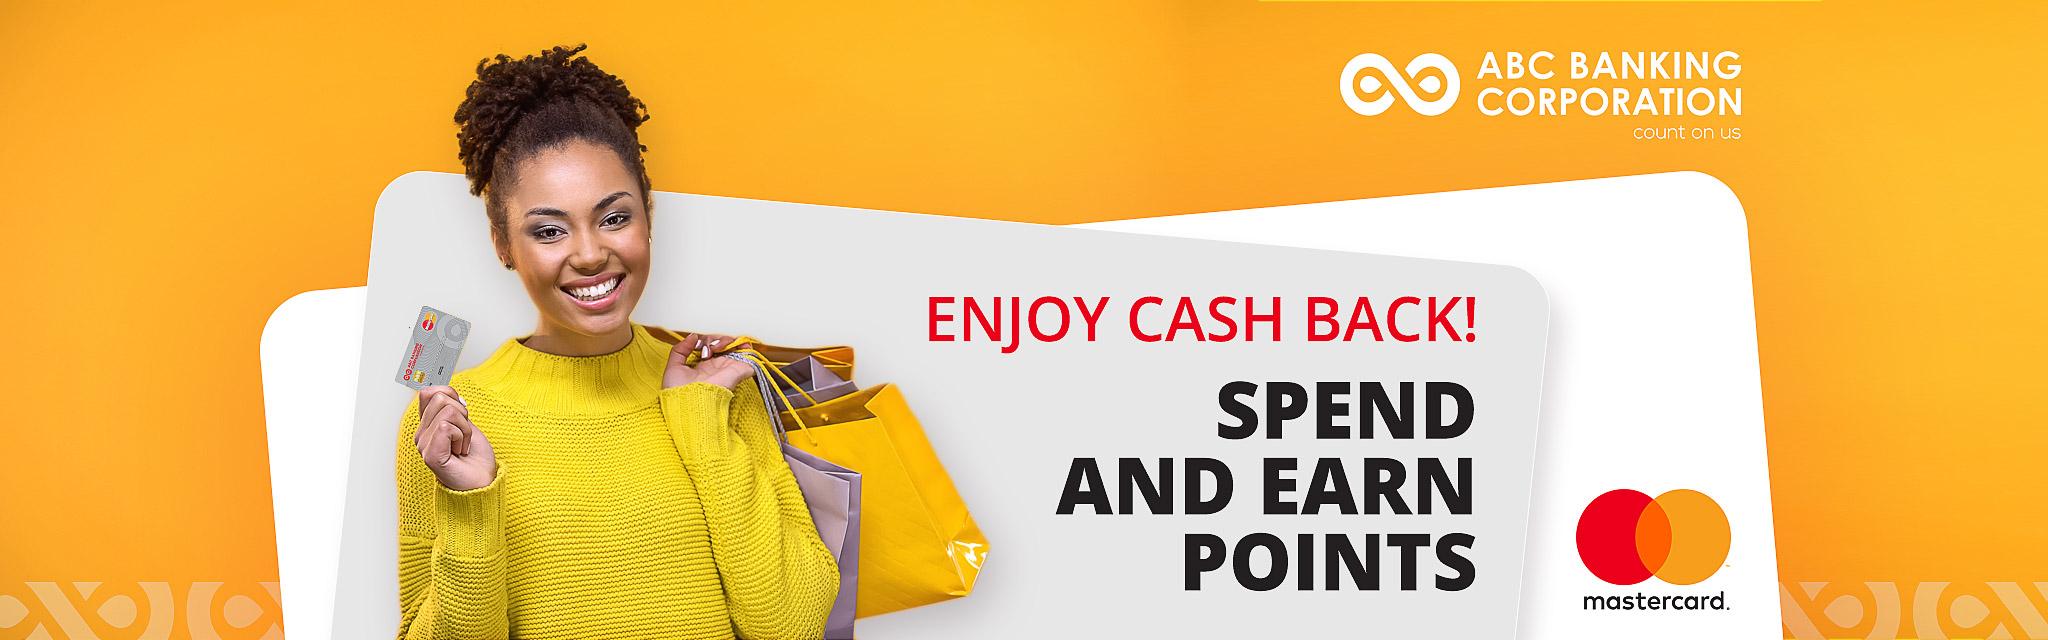 Mastercard Cash back ABC Banking Corporation